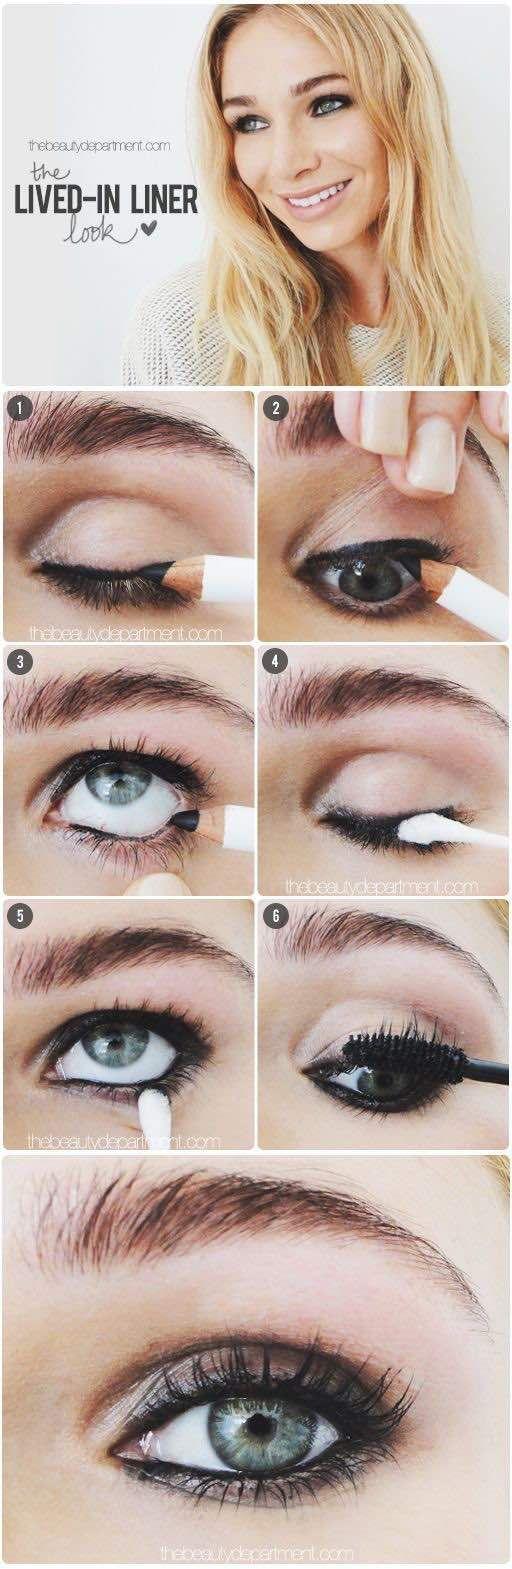 Maquillaje de ojos verdes, natural. Foto: shopstyle.com